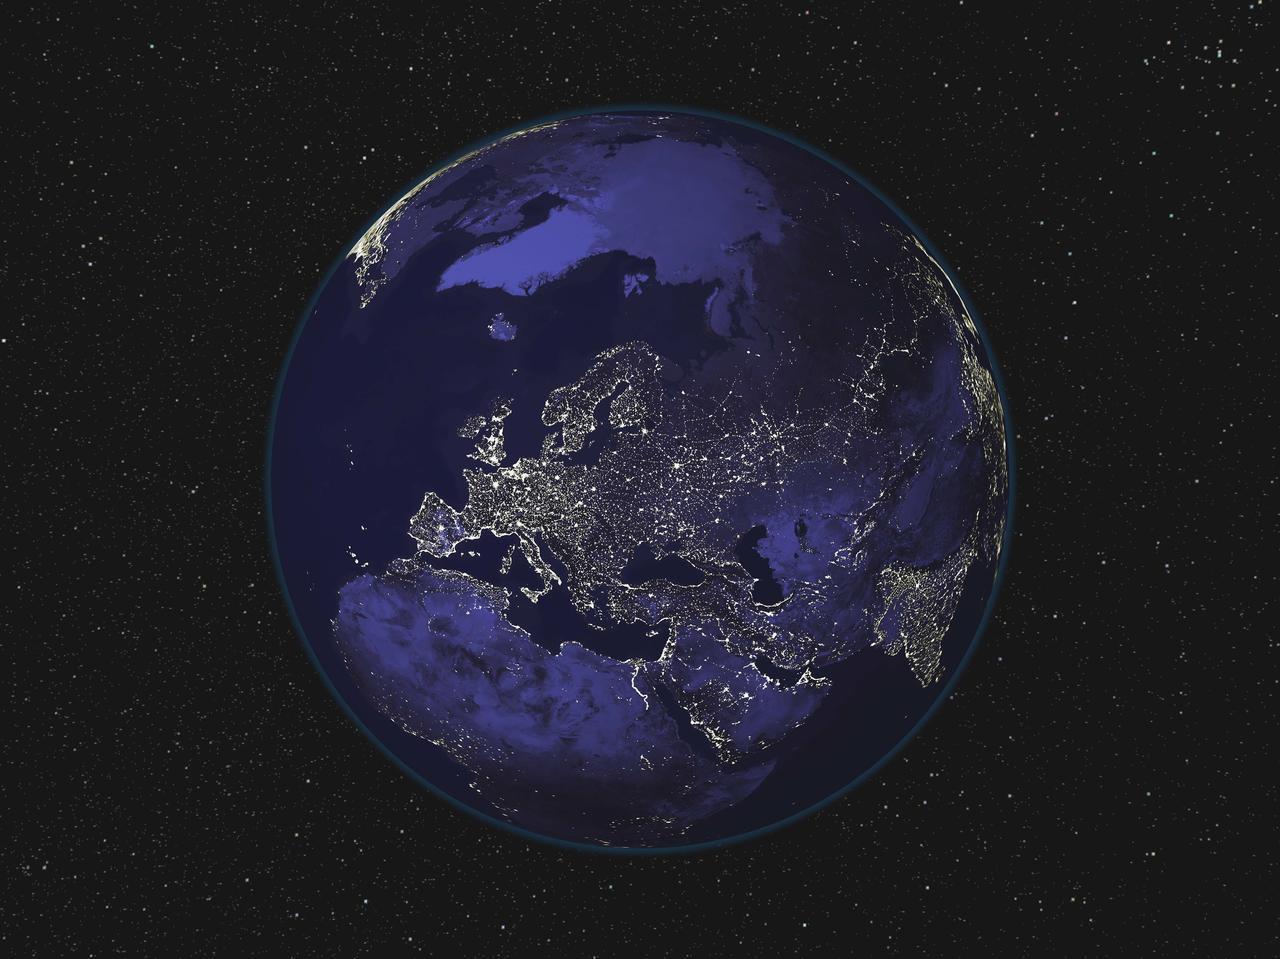 Ảnh Trái Đất về đêm được chụp từ ngoài không gian